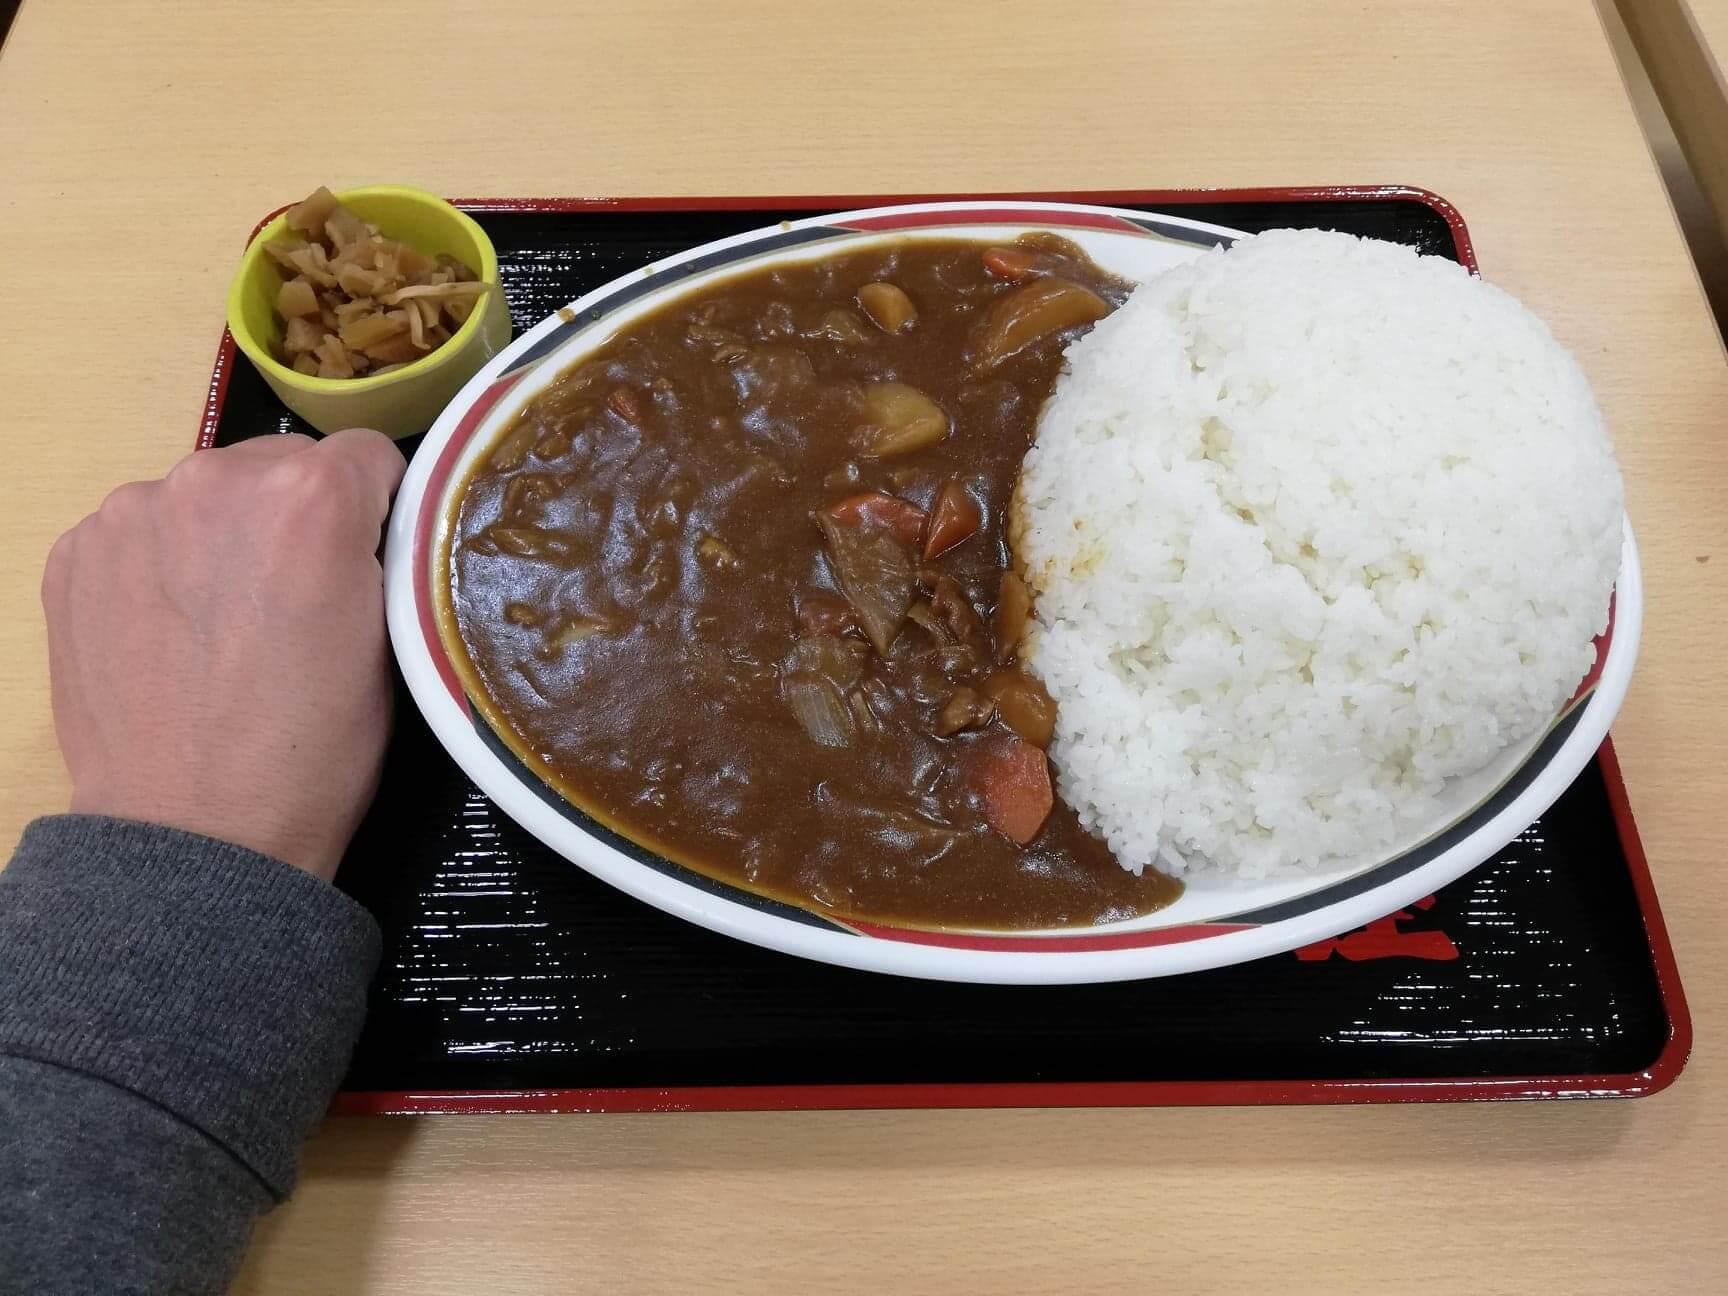 宮城県仙台市『大衆食堂半田屋東口BiVi店』の1キロカレーと拳のサイズ比較写真